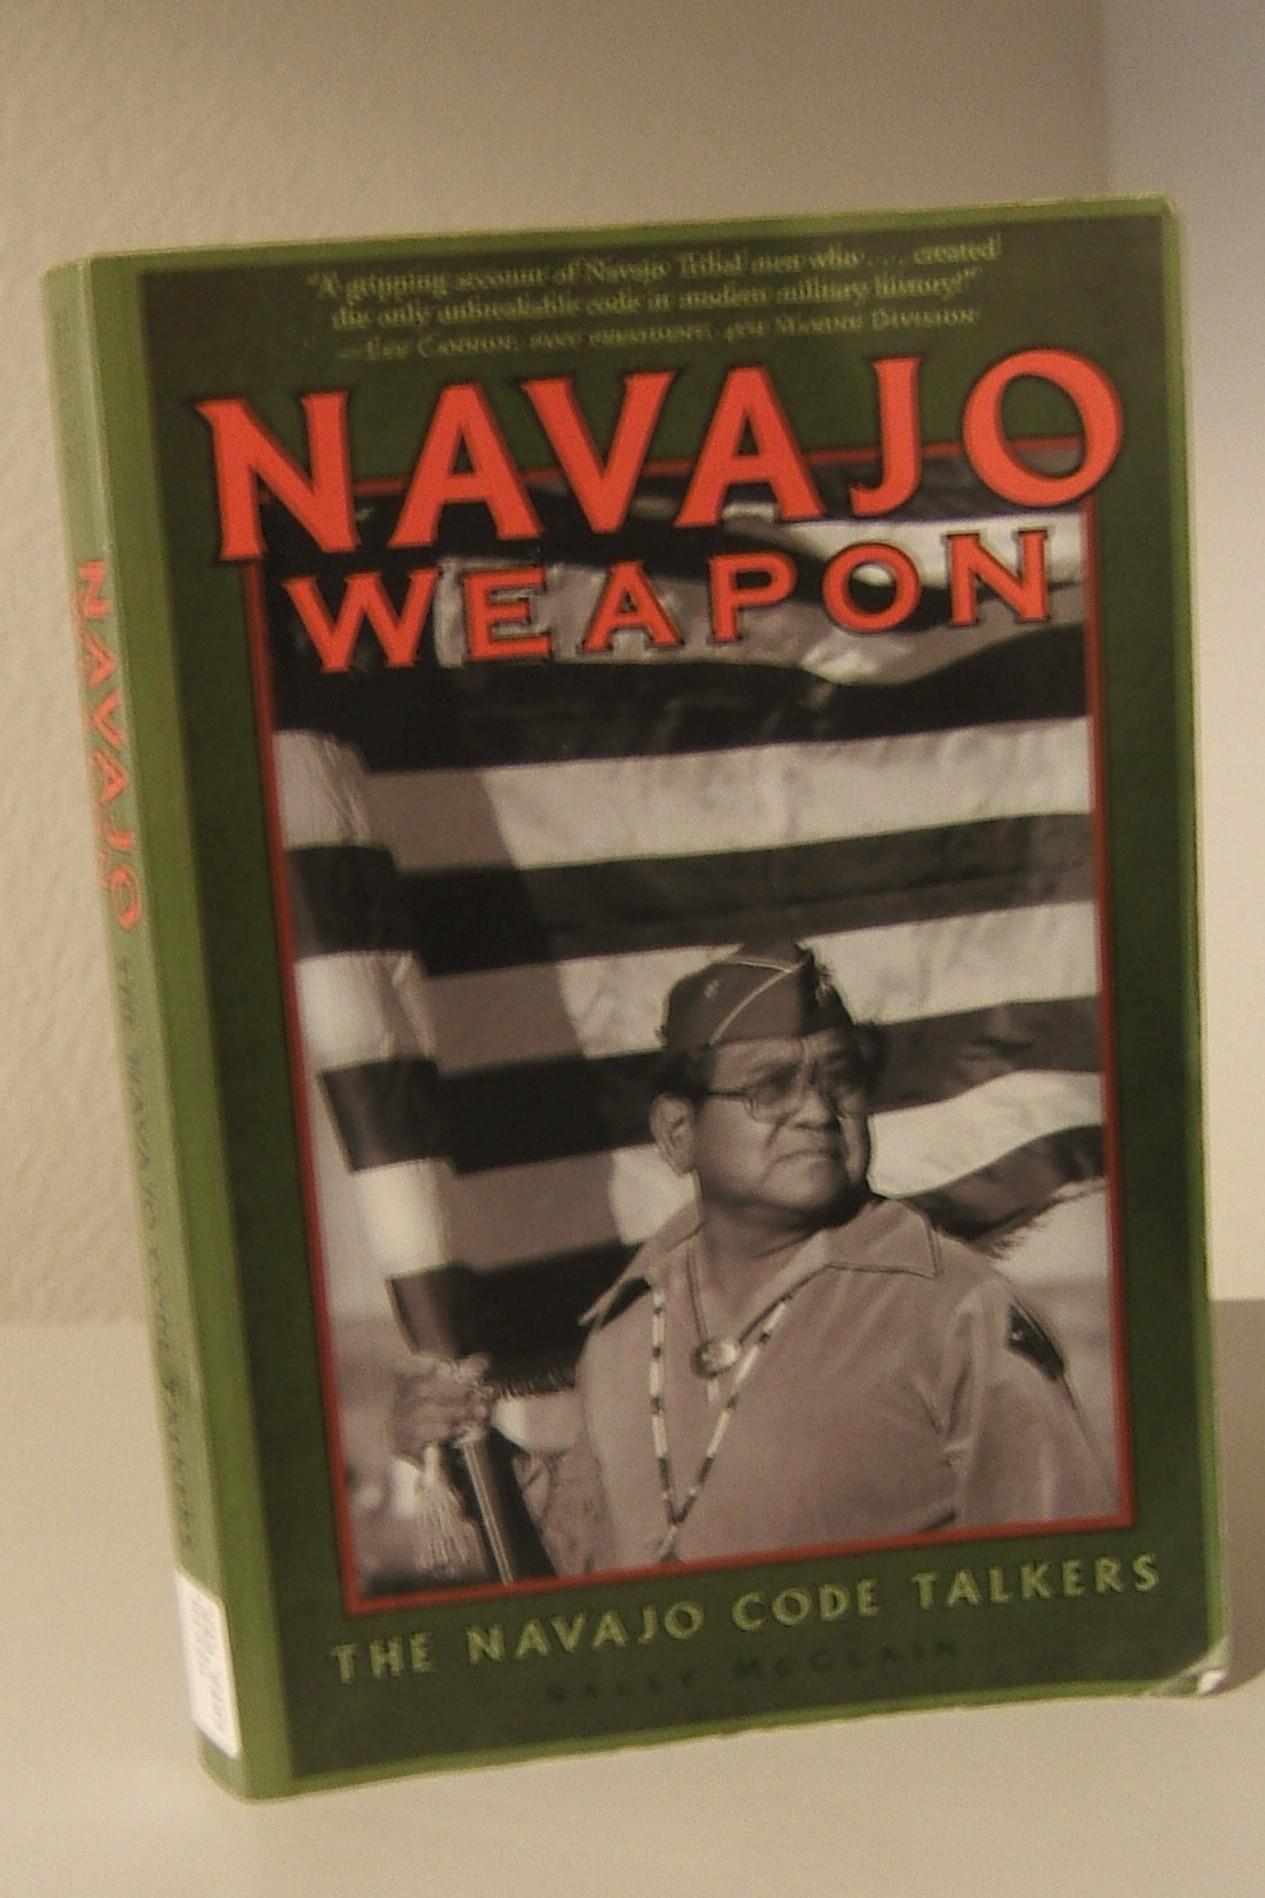 Book Reveals Secrets Of Navajo Code Talkers